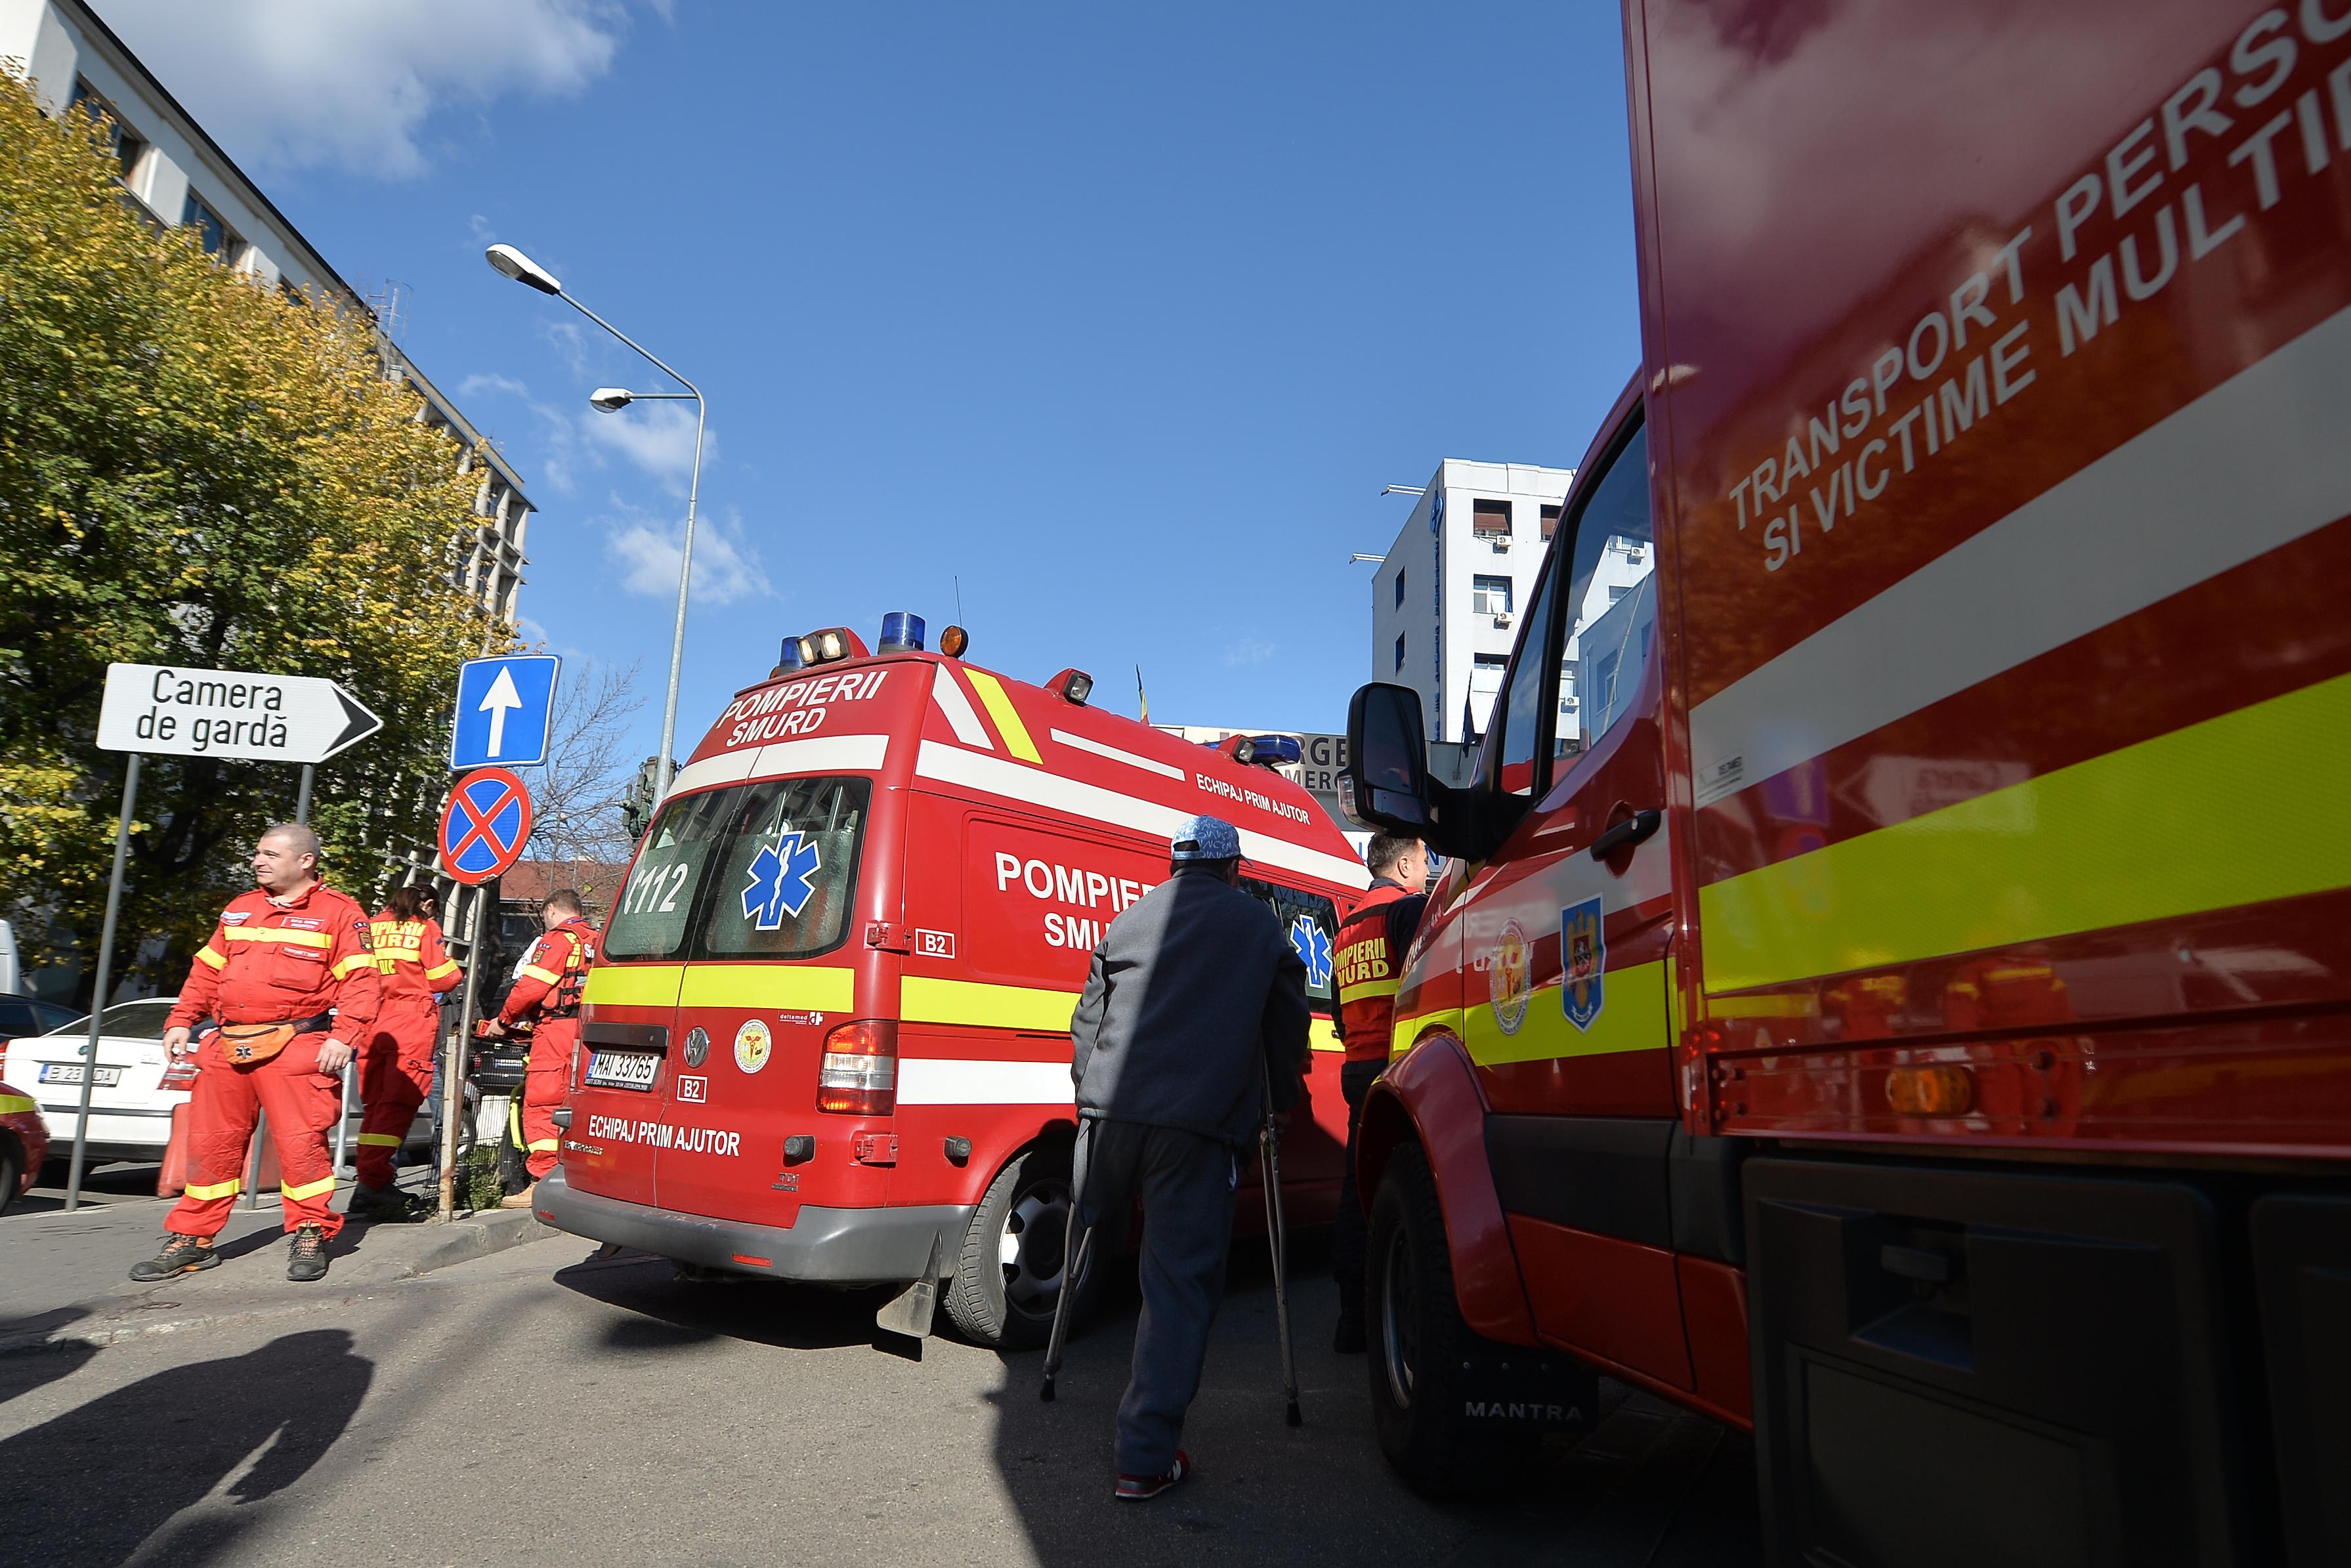 Patru persoane rănite, după ce două maşini s-au ciocnit într-o intersecţie din Timişoara